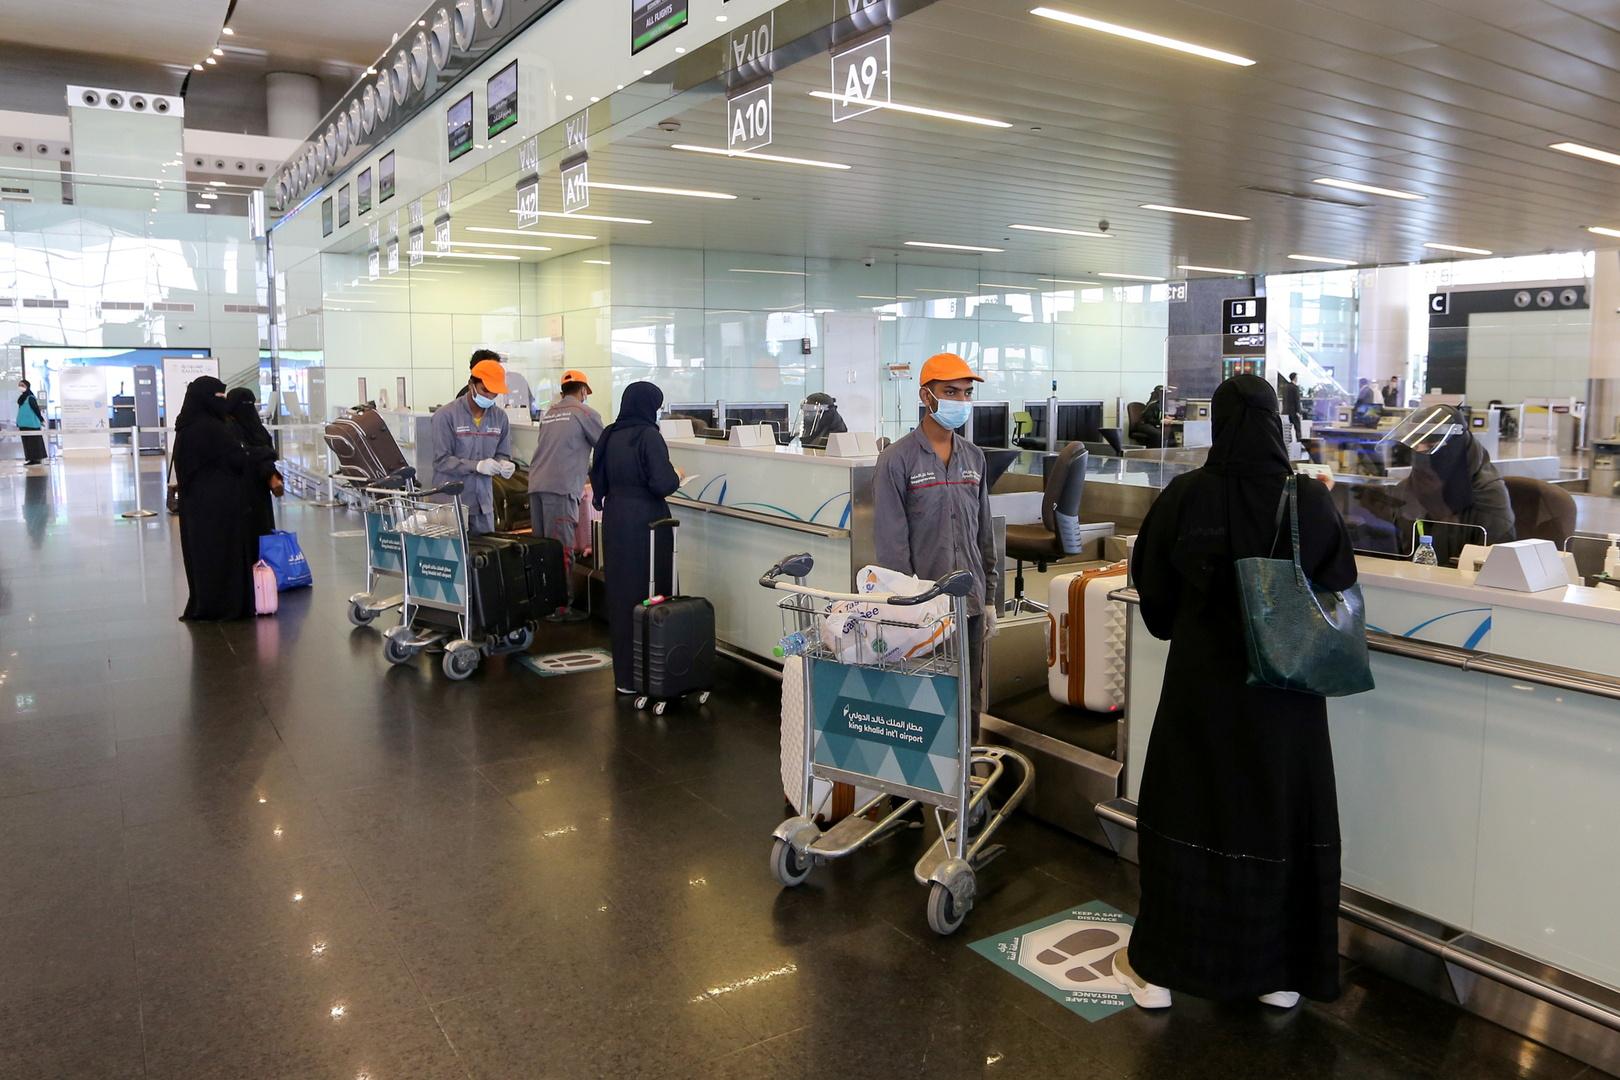 الخطوط الجوية السعودية تصدر قرارا جديدا بشأن الرحلات القادمة من الإمارات